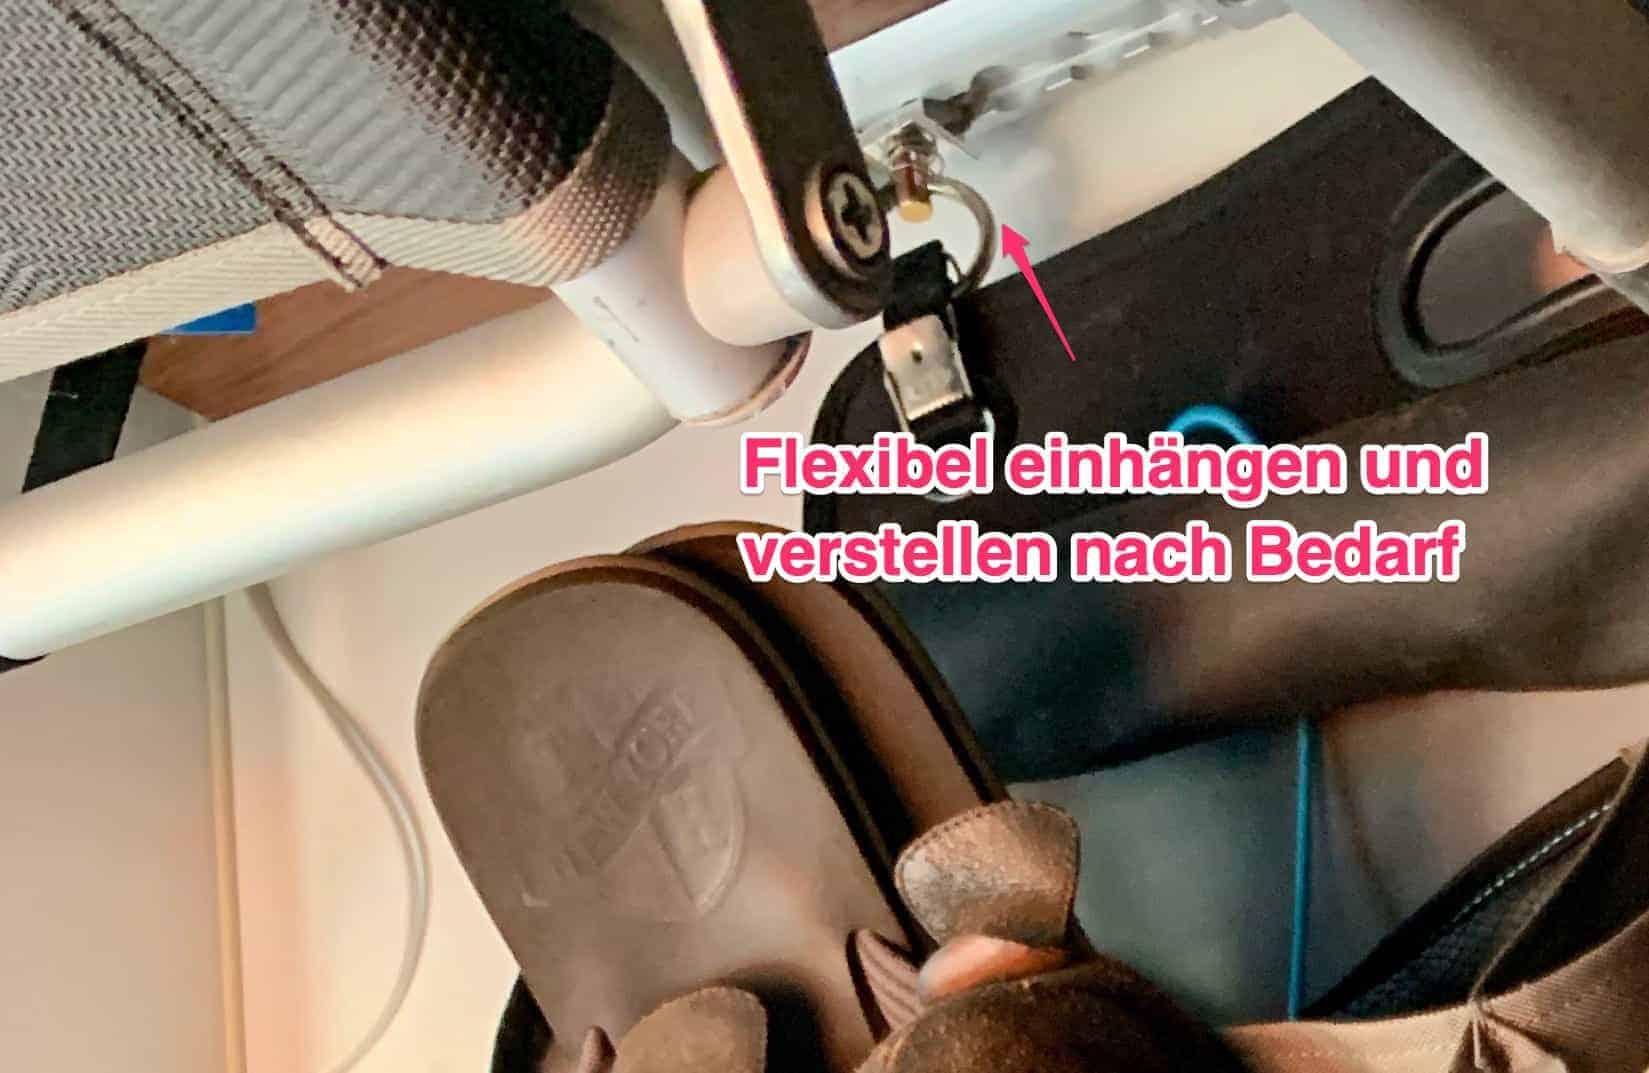 Schuhorganizer_Thule_flexibel_einhängen